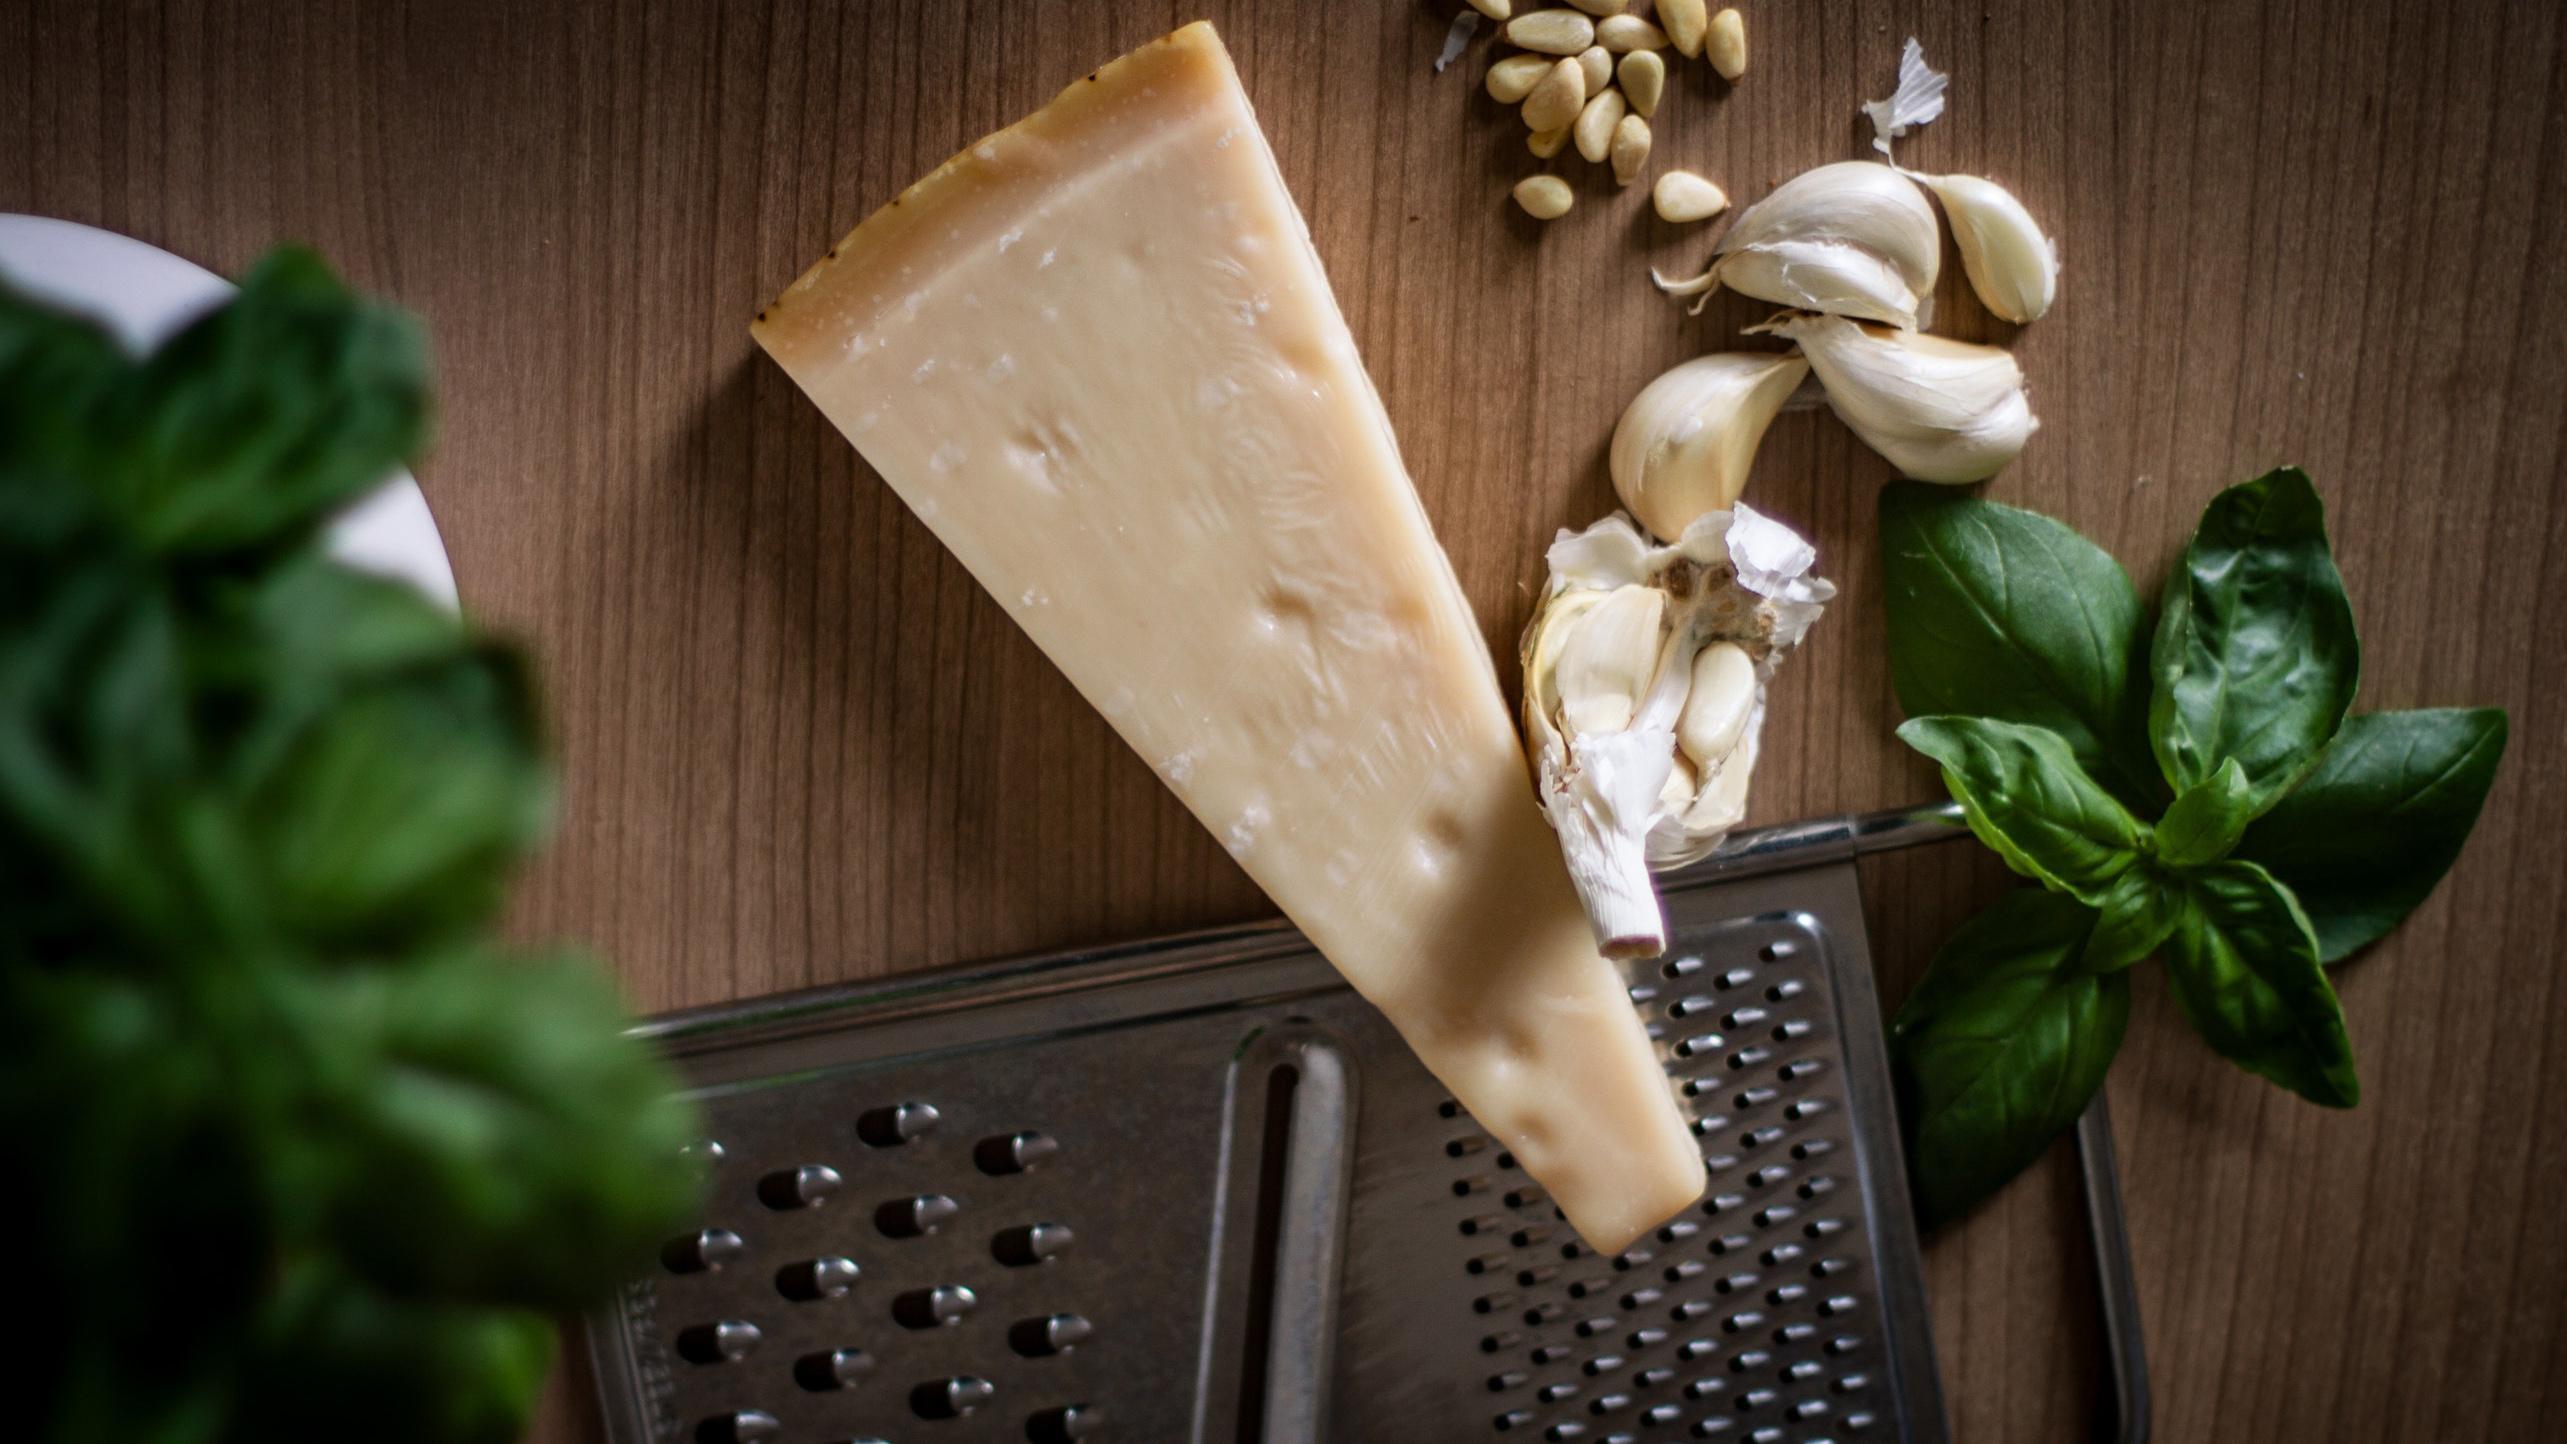 Guter Ersatz für Parmesan sind andere Sorten von italienischem Hartkäse.